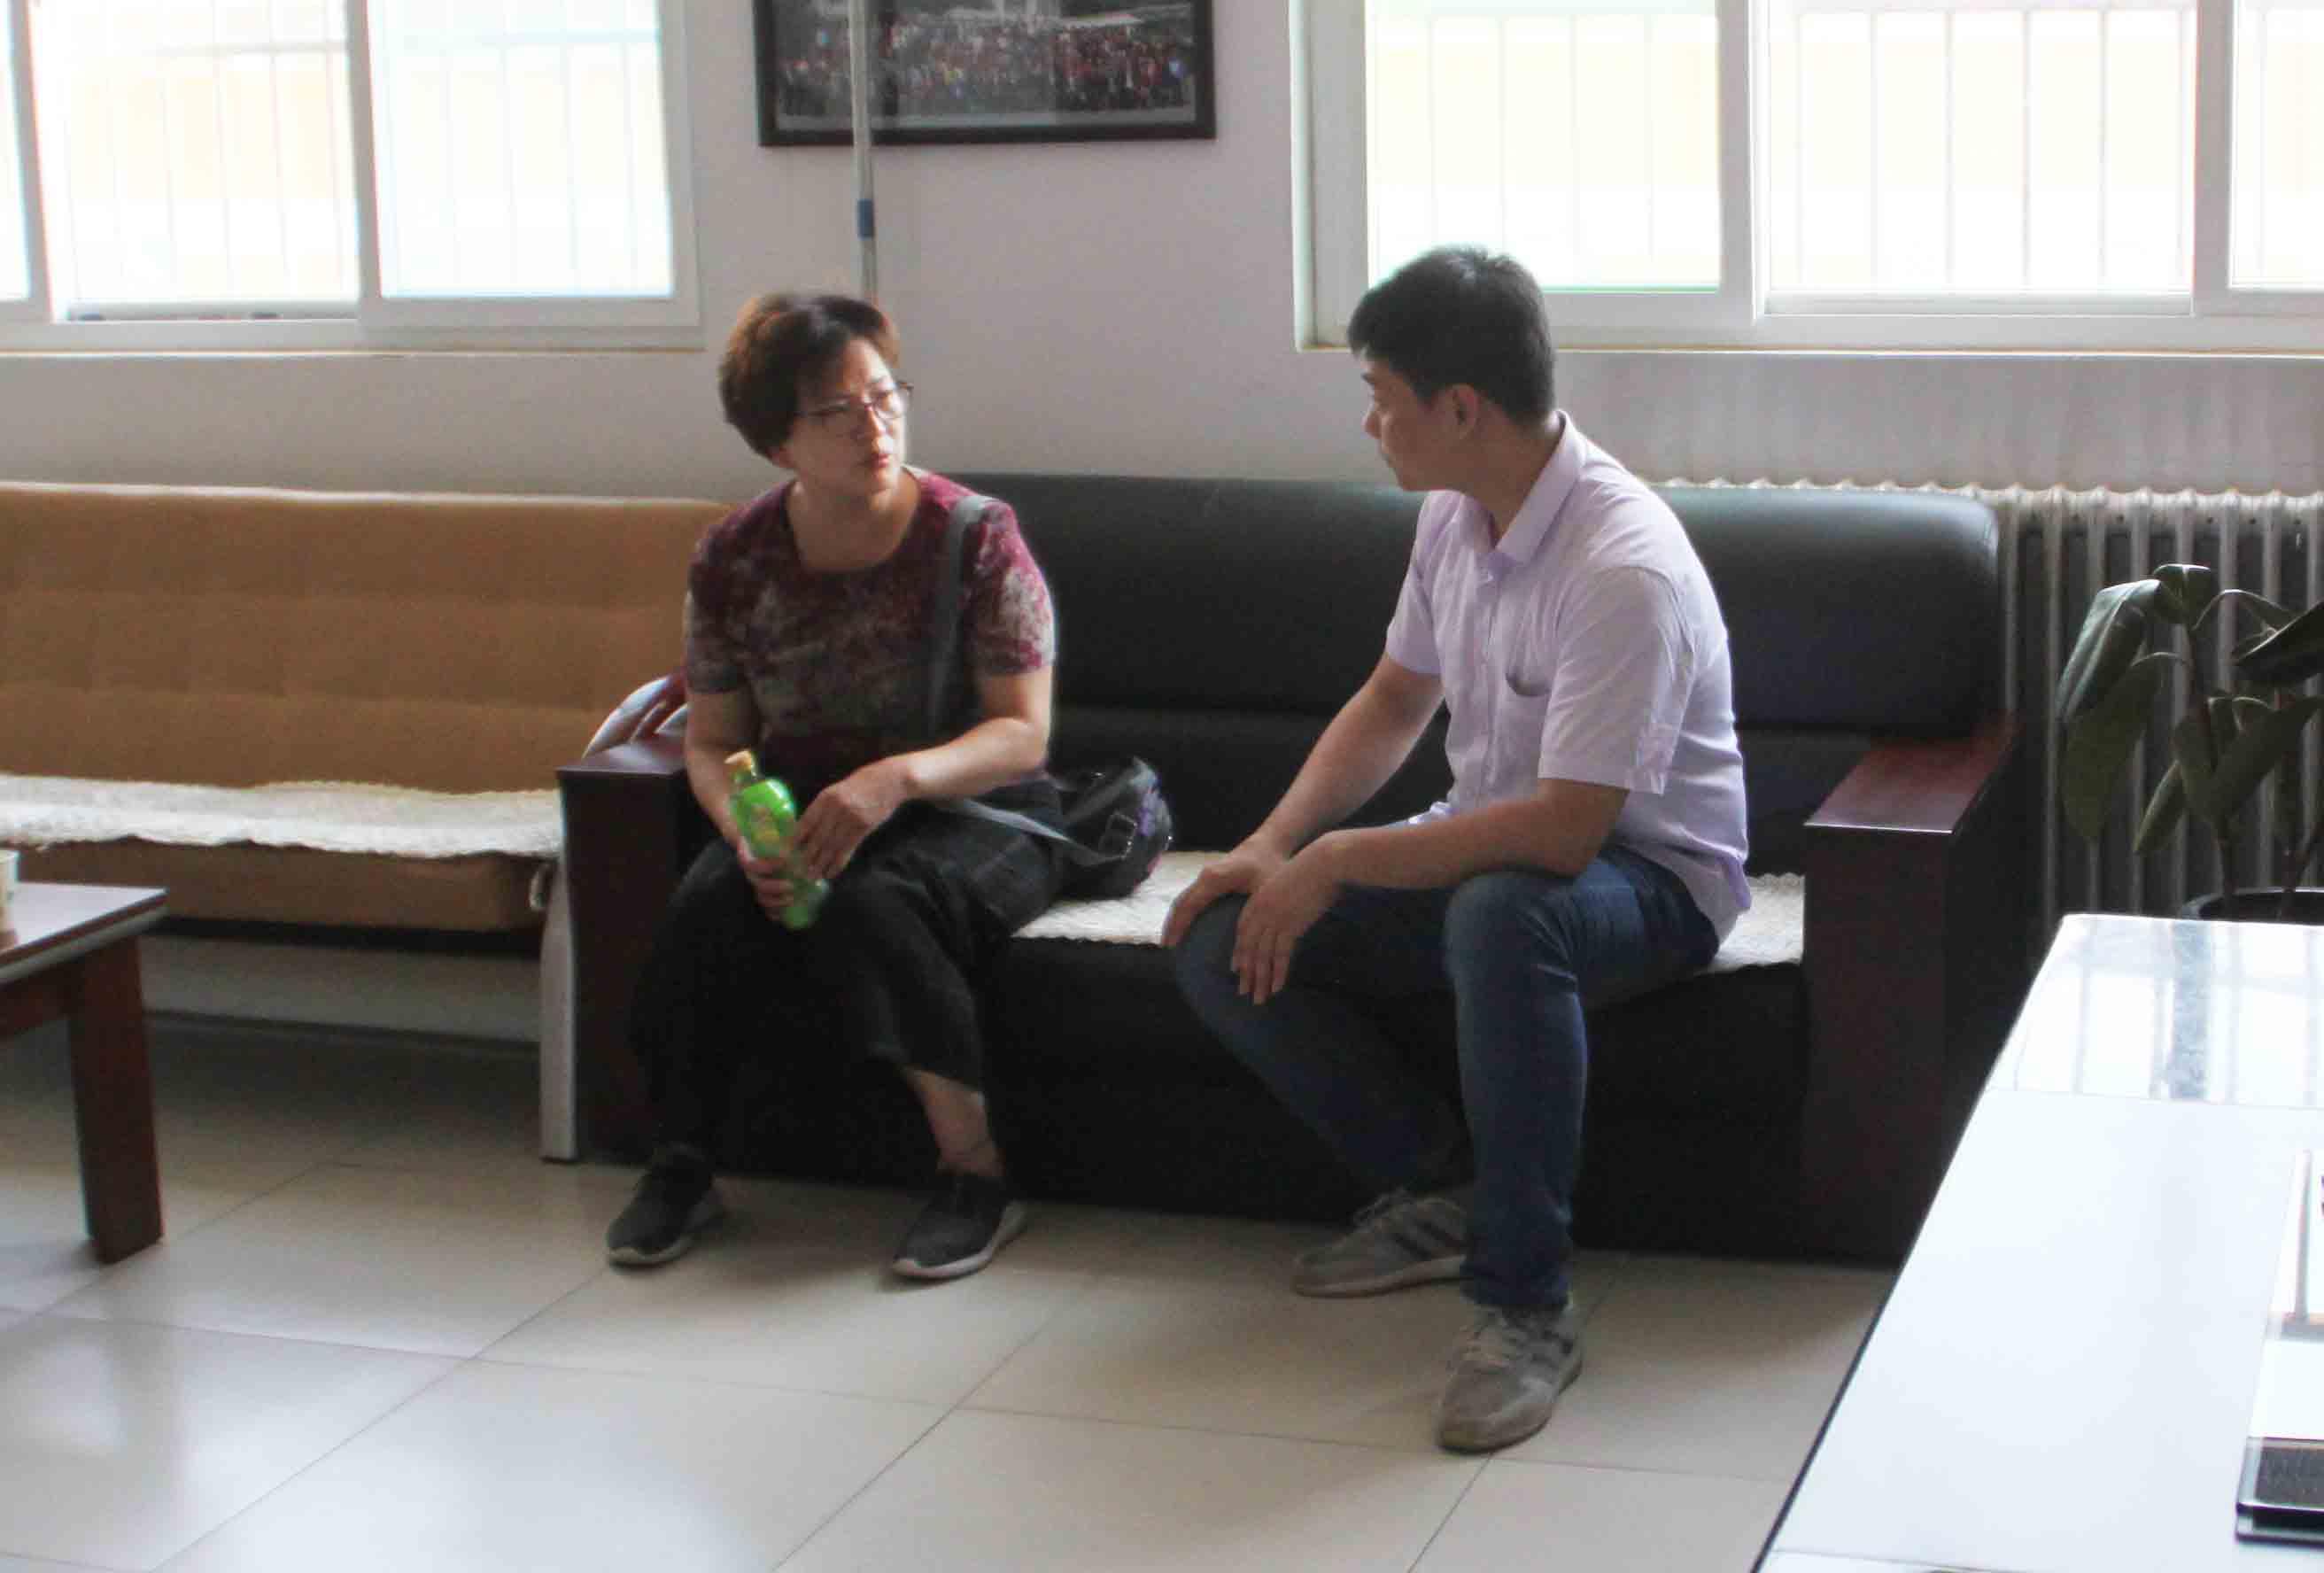 邯山区民政局领导来我校视察工作|爱诺动态-爱诺自闭症康复培训学校